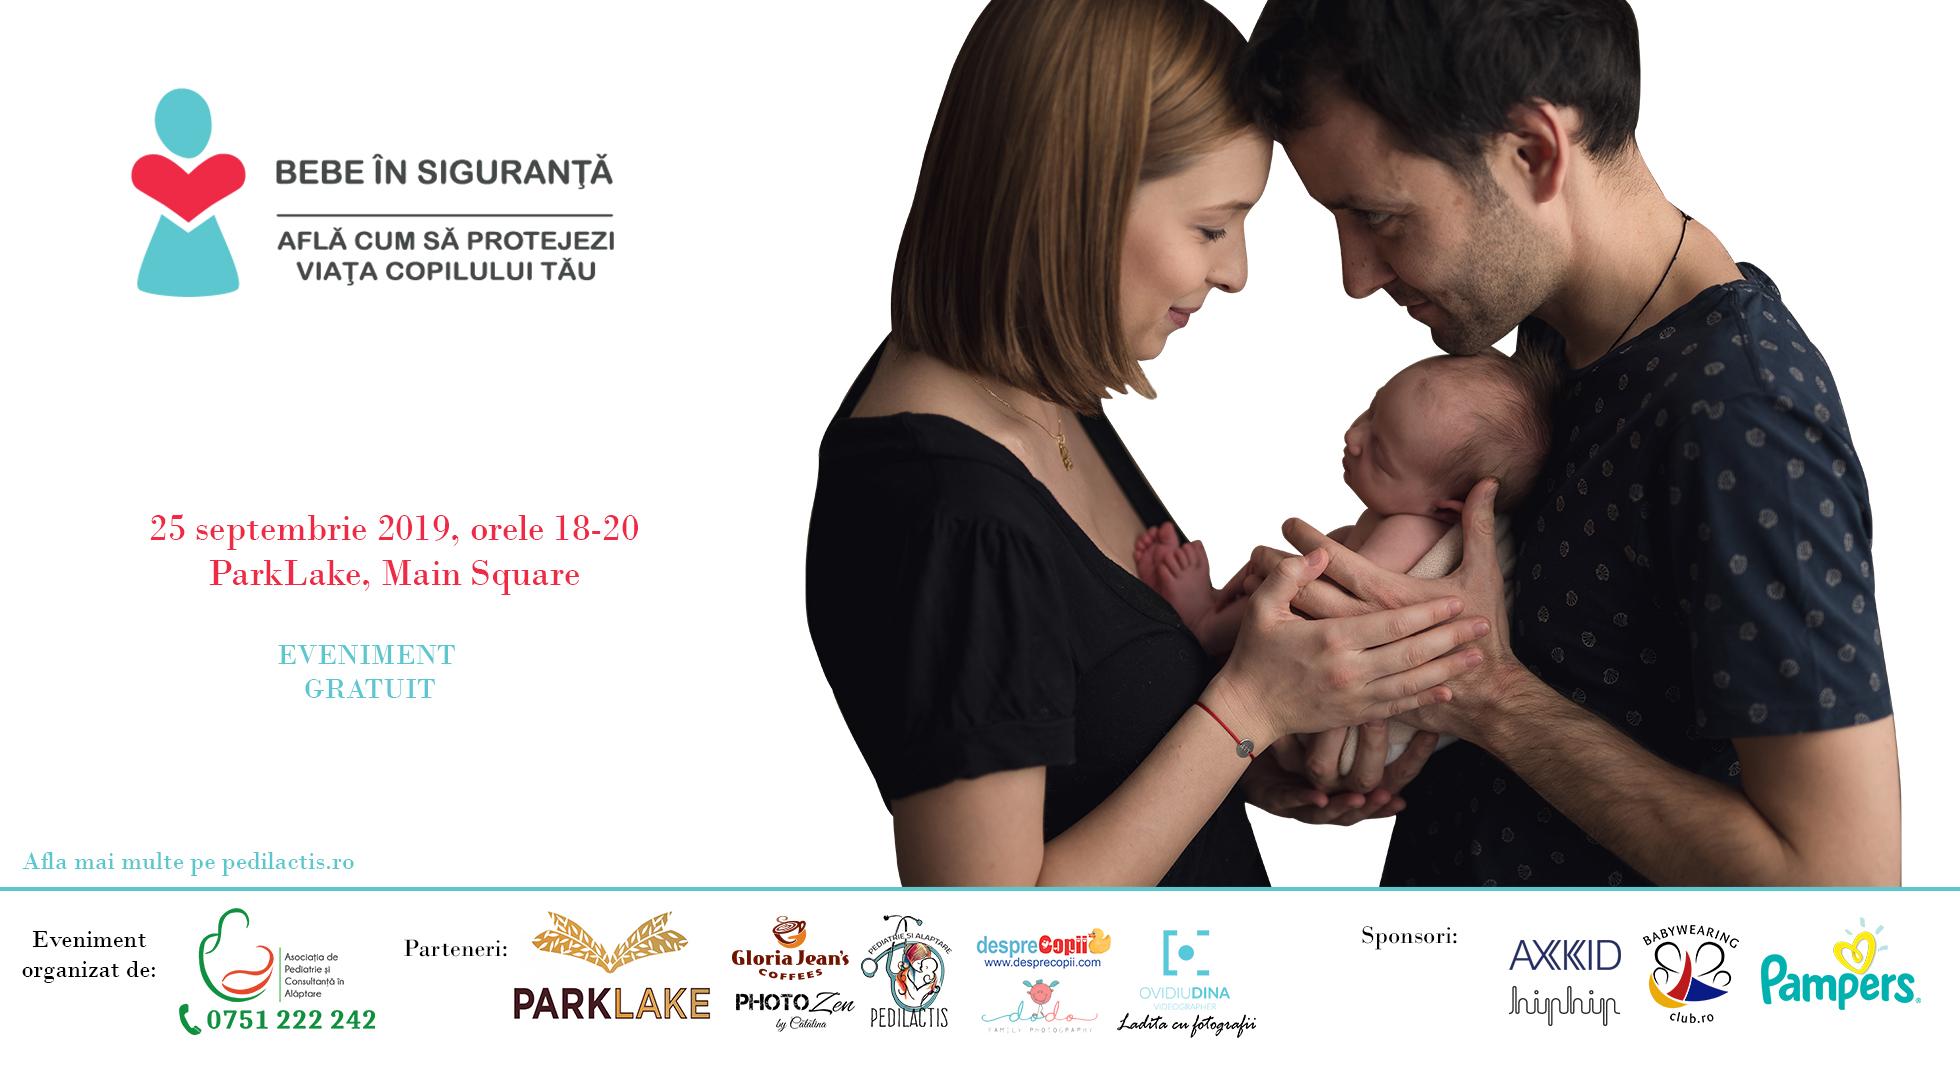 Bebe in Siguranta